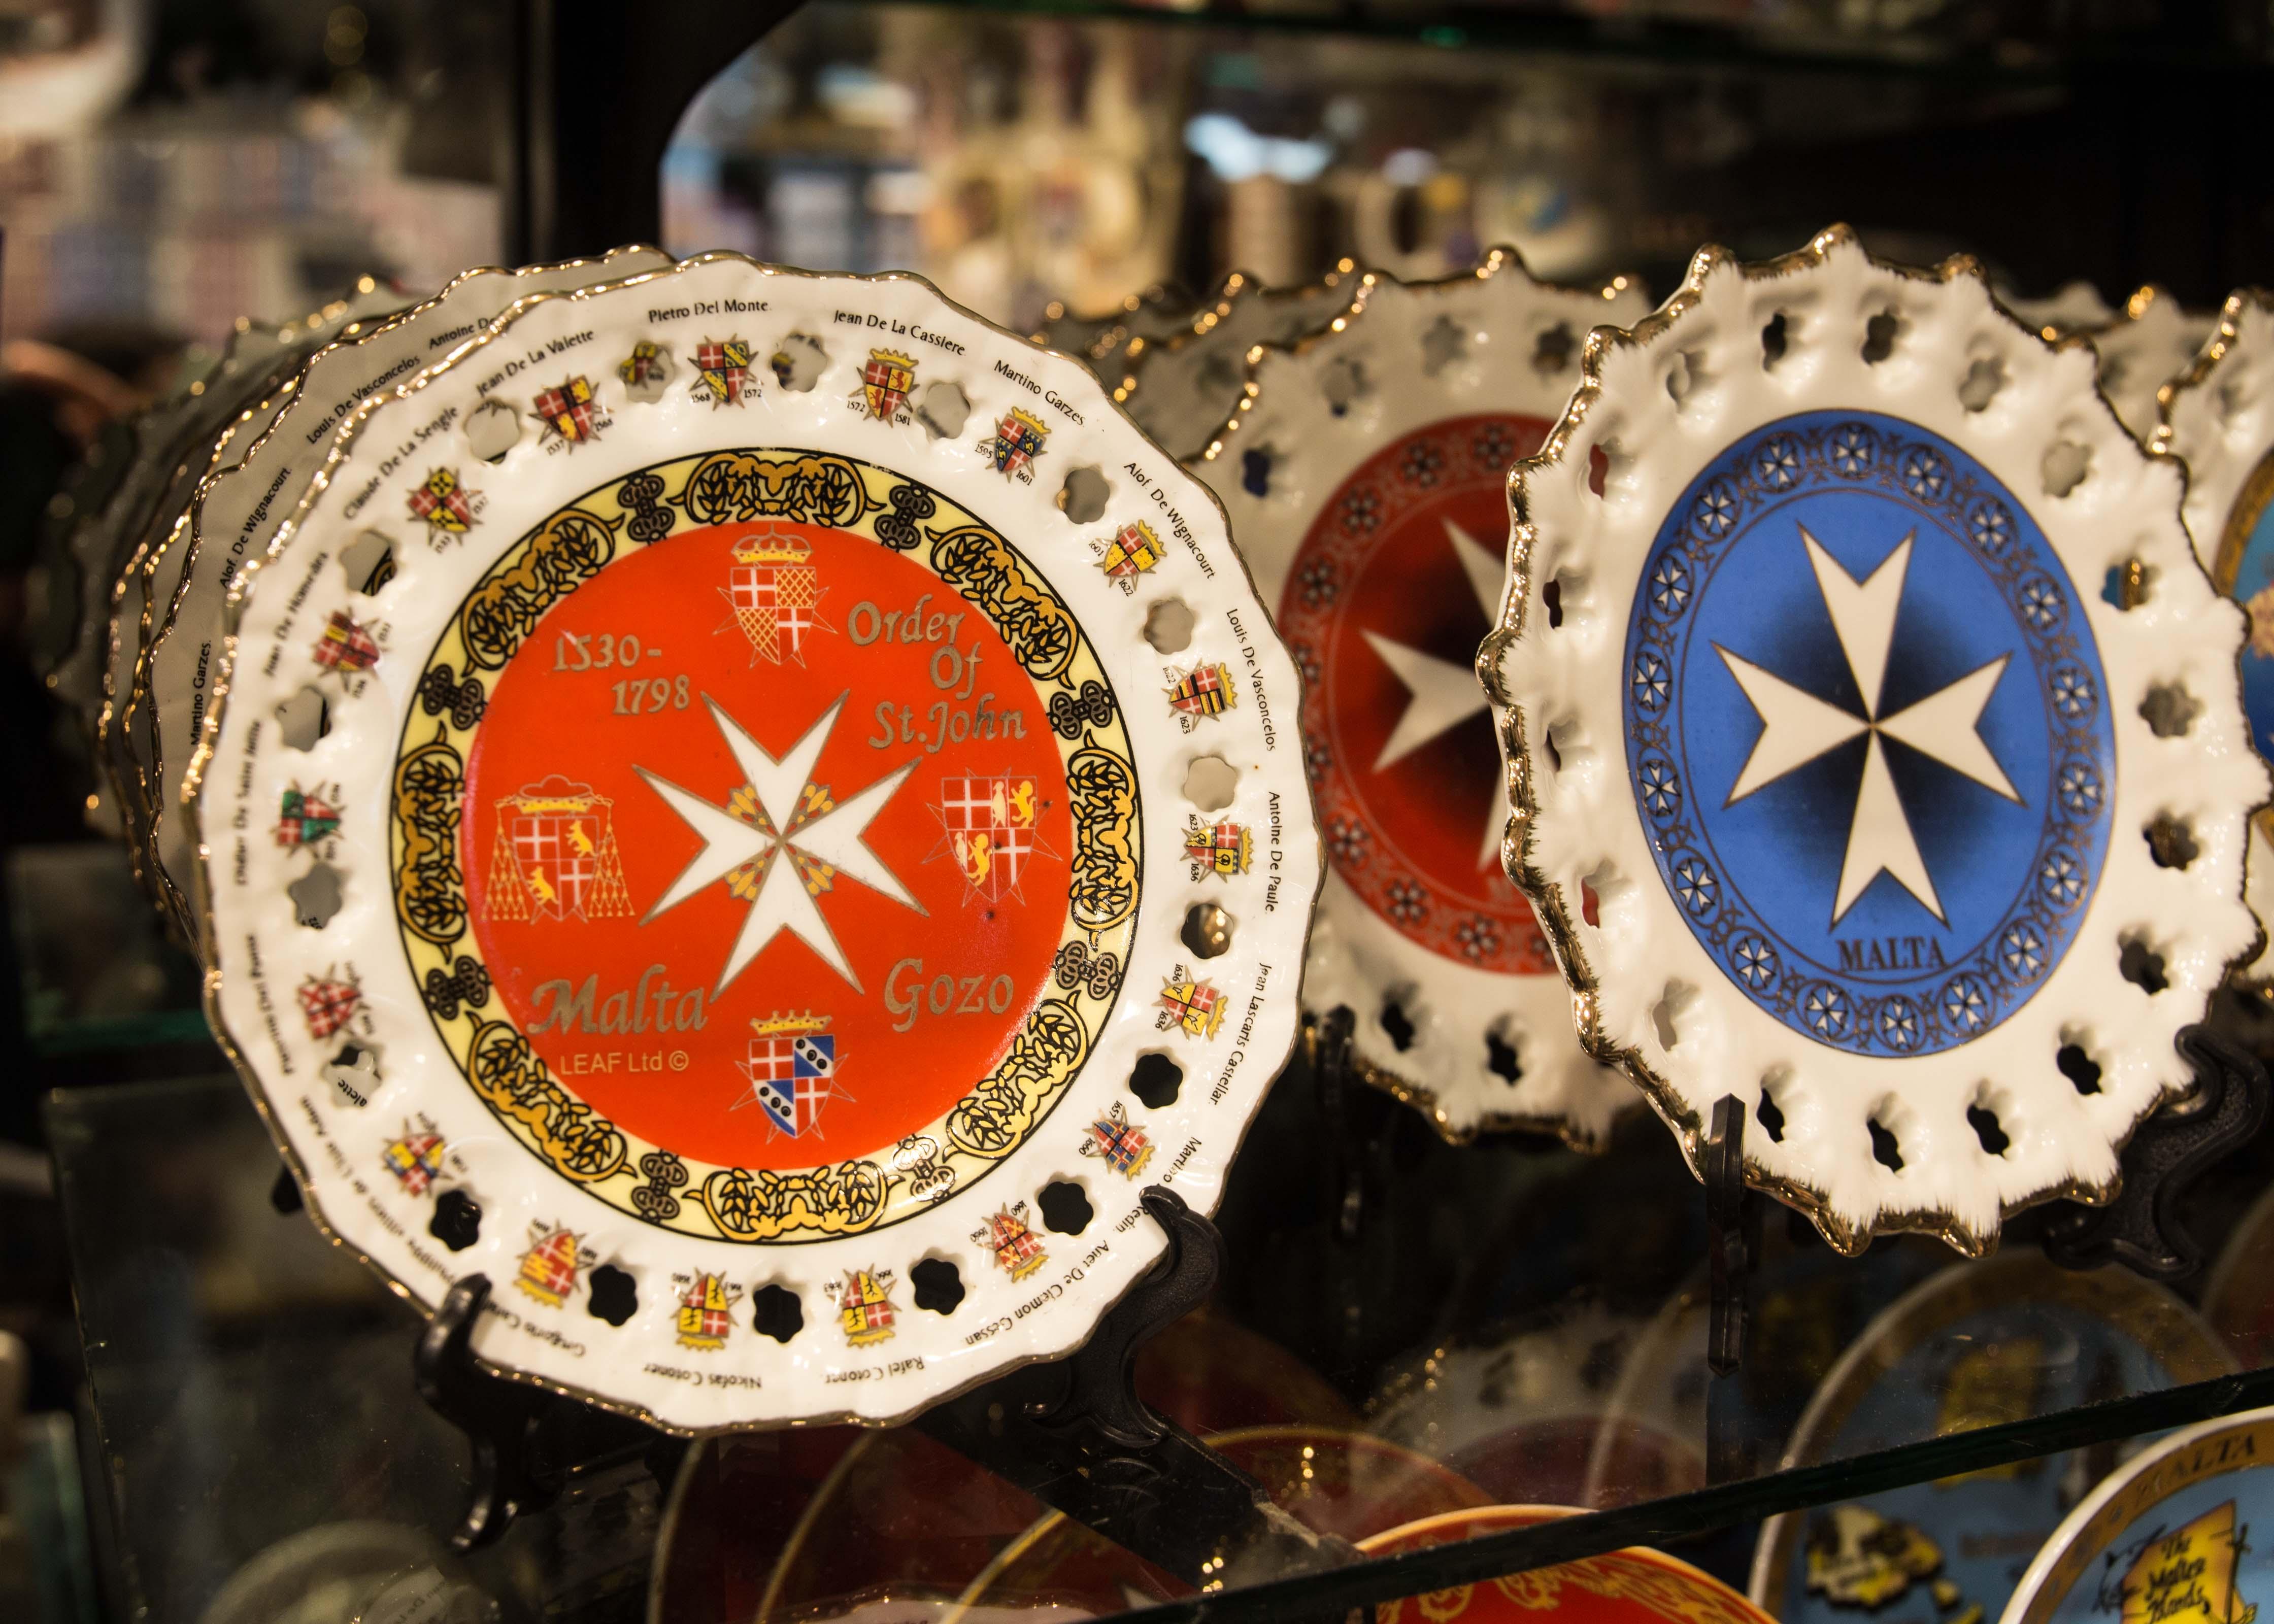 Malta souvenirs: Maltese Cross